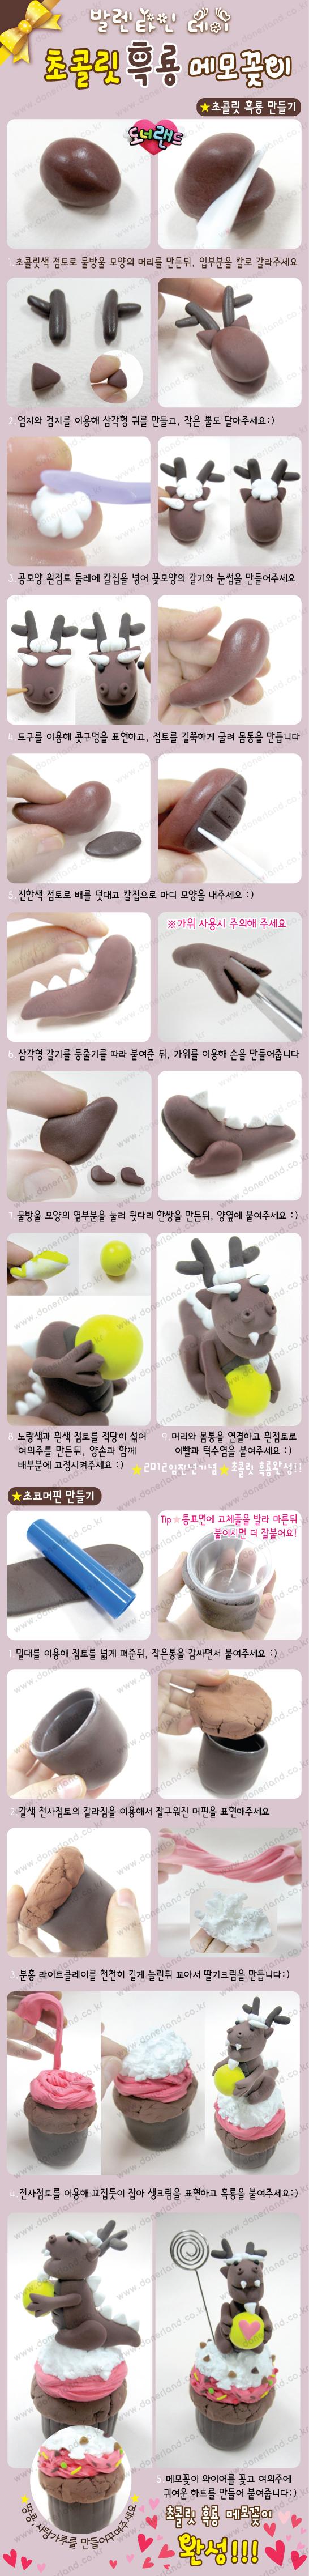 초콜릿 흑룡 메모꽂이 만들기